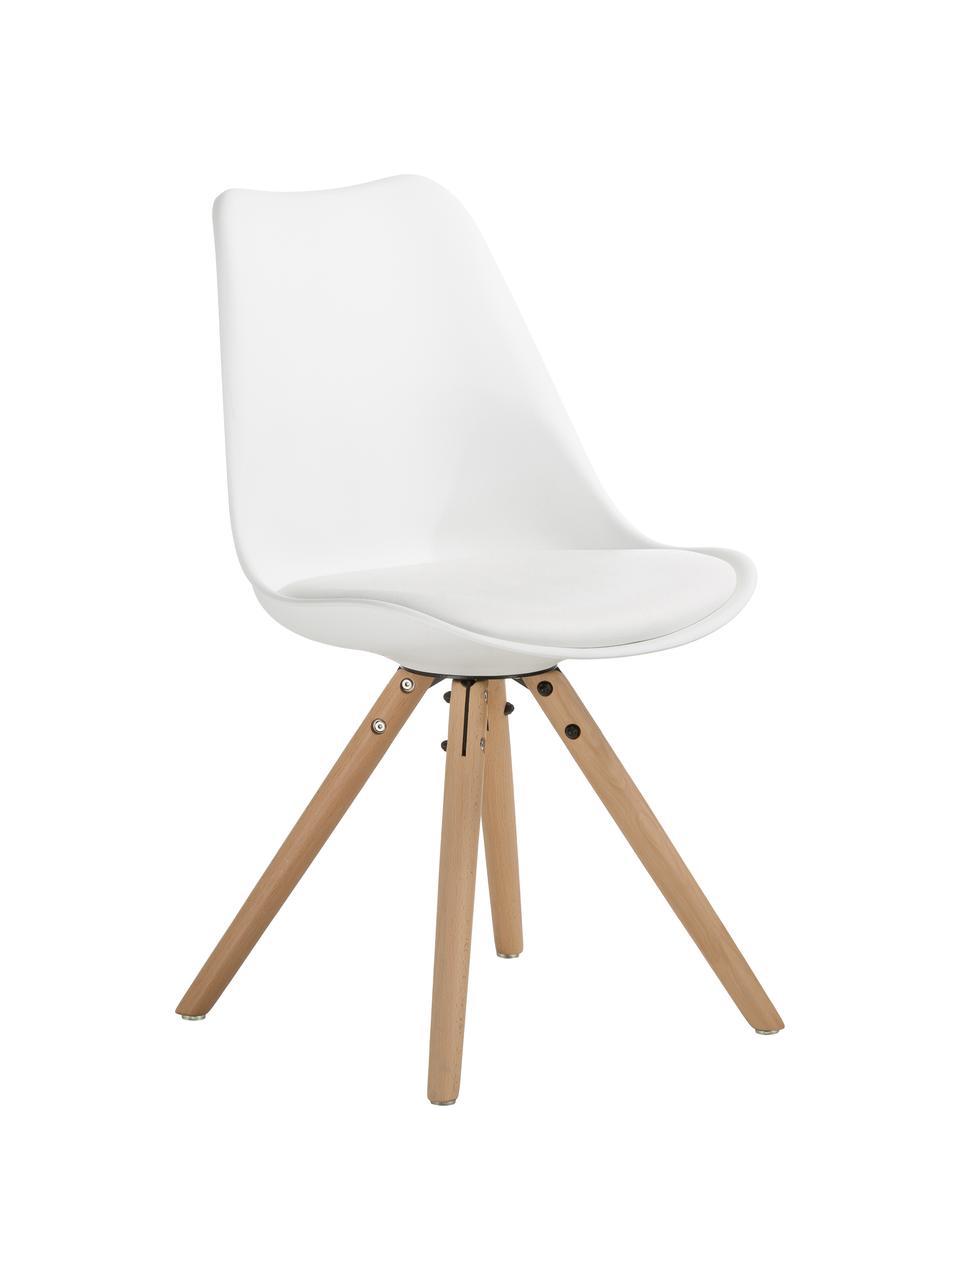 Stühle Max mit Kunstleder-Sitzfläche, 2 Stück, Sitzfläche: Kunstleder (Polyurethan), Sitzschale: Kunststoff, Beine: Buchenholz, Weiß, B 46 x T 54 cm